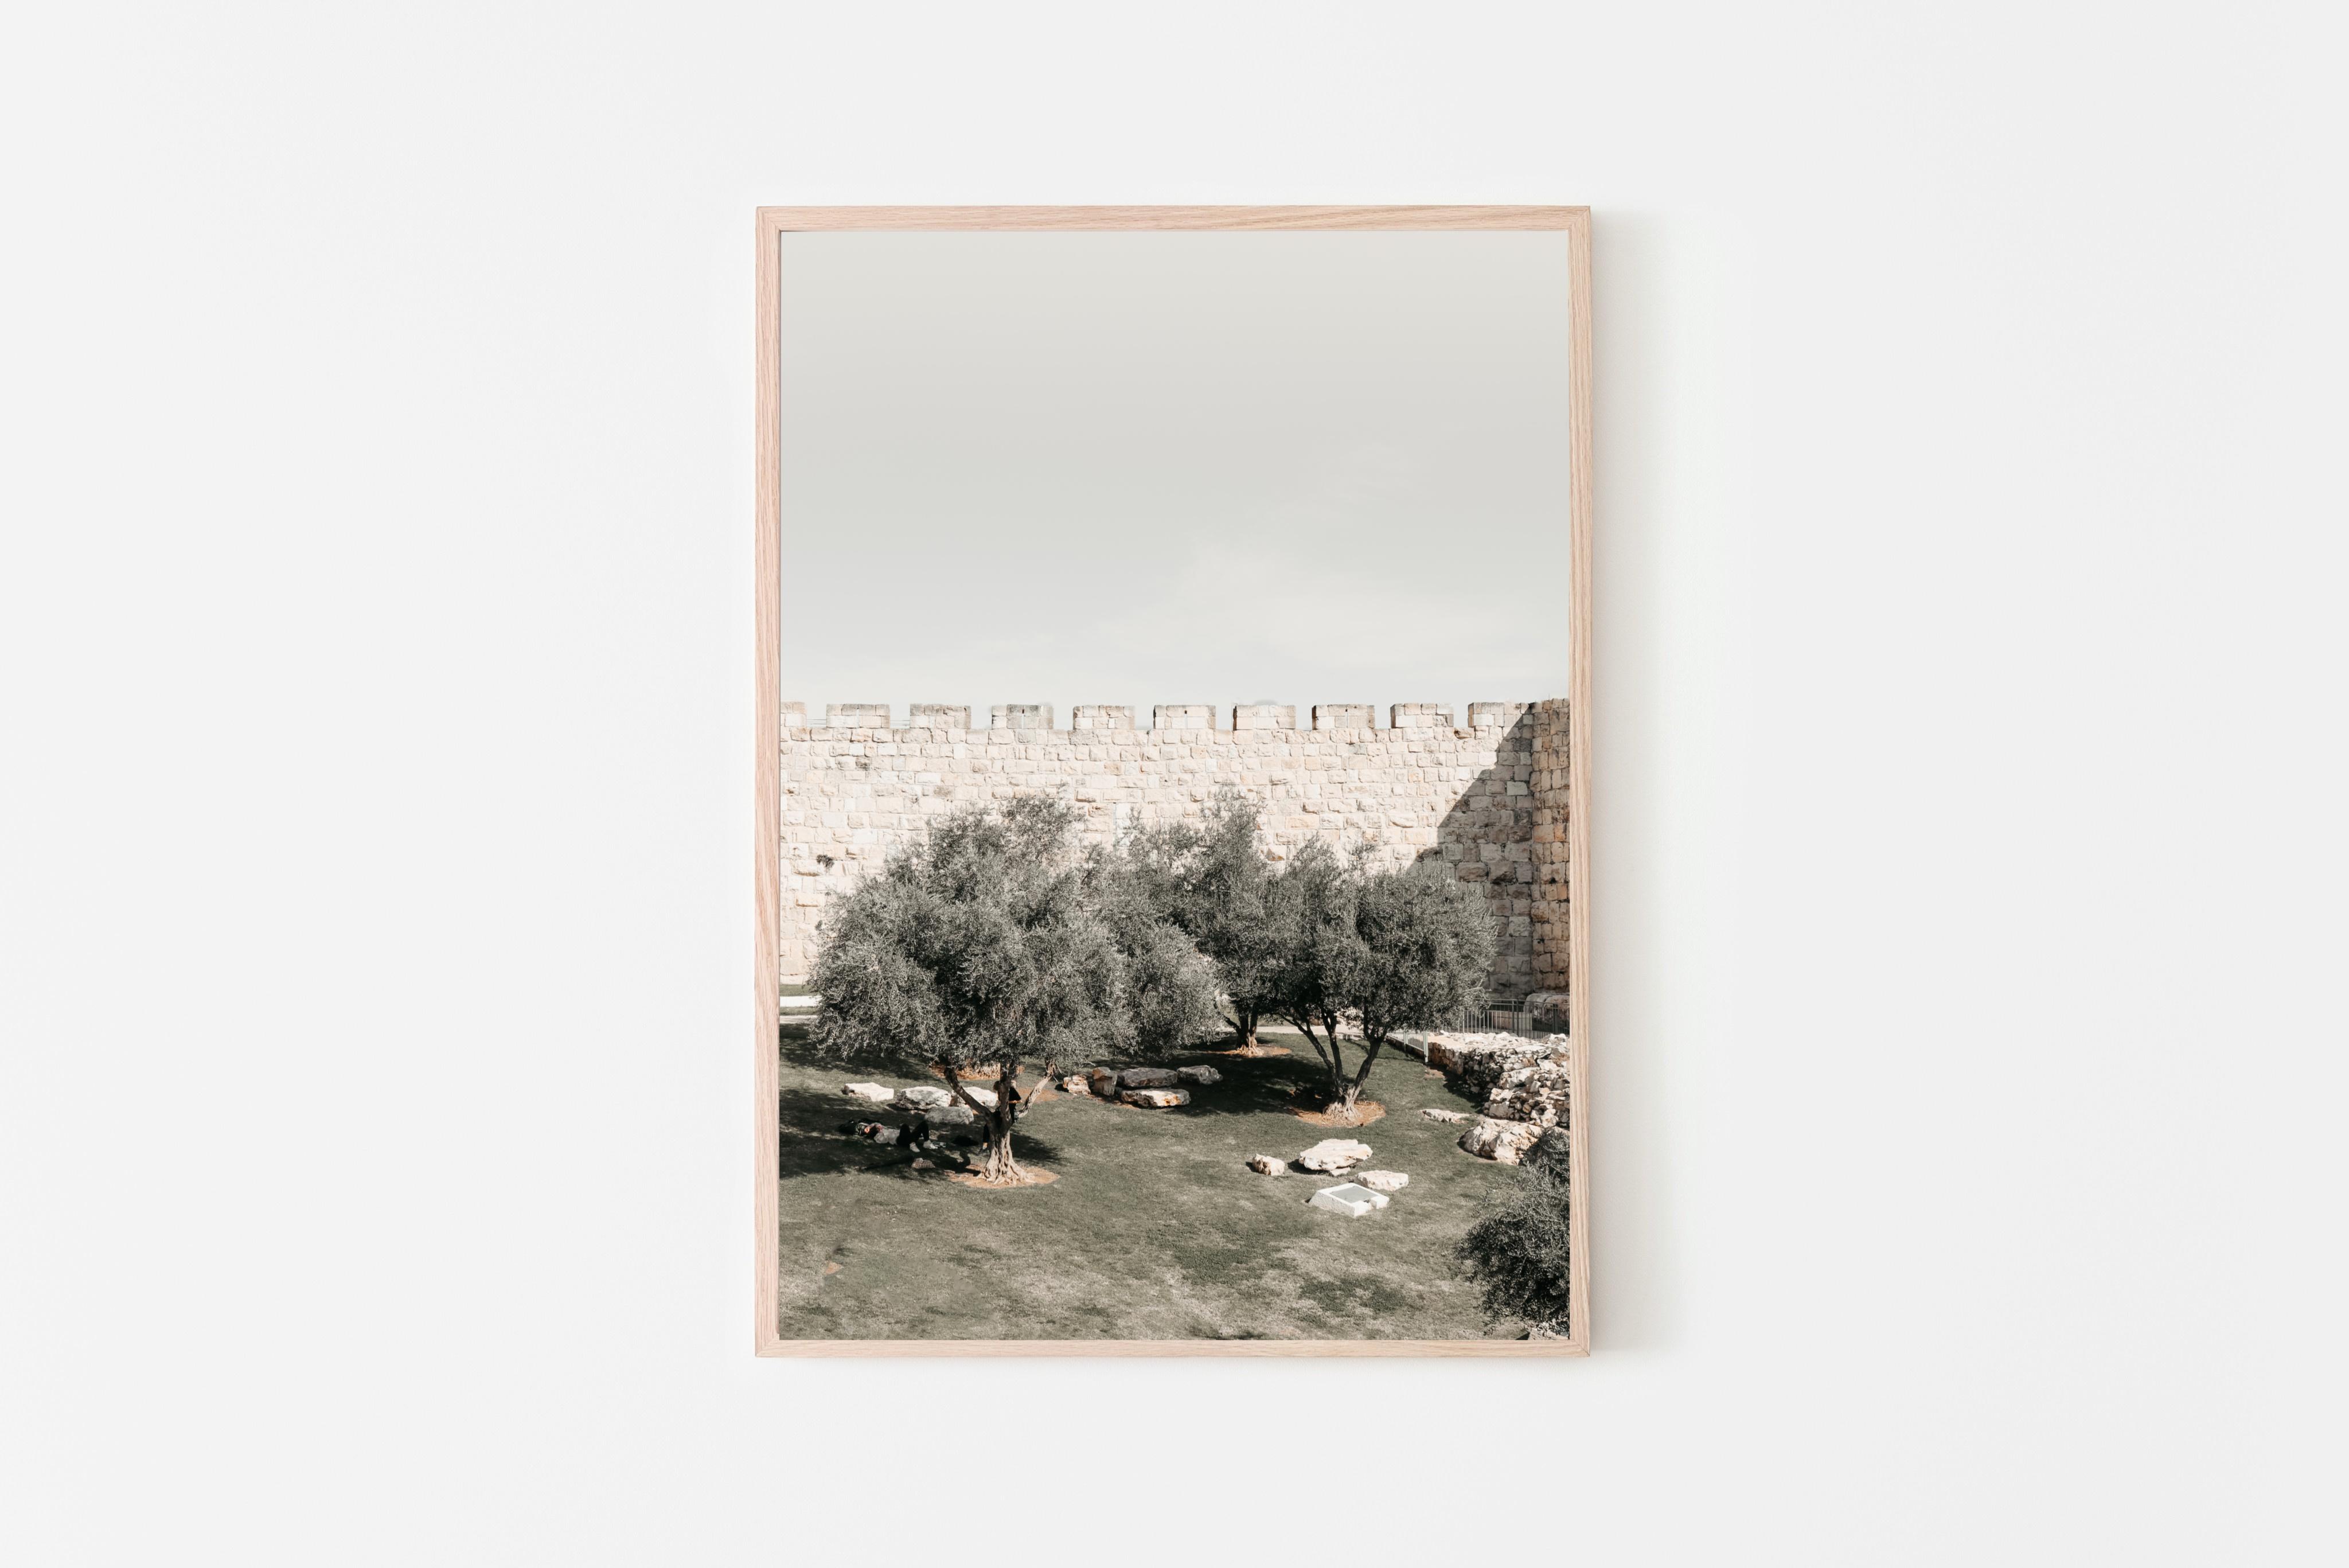 הדפס דיגיטלי להורדה של צילום של ירושלים עם עצי זית. פריט דקורטיבי לעיצוב הבית. תמונה מקורית שצולמה על ידנו. ניתן להדפסה במדפסת ביתית או בבית דפוס, למסגר אותו ולתלות על הקיר :) זמין להורדה מידית